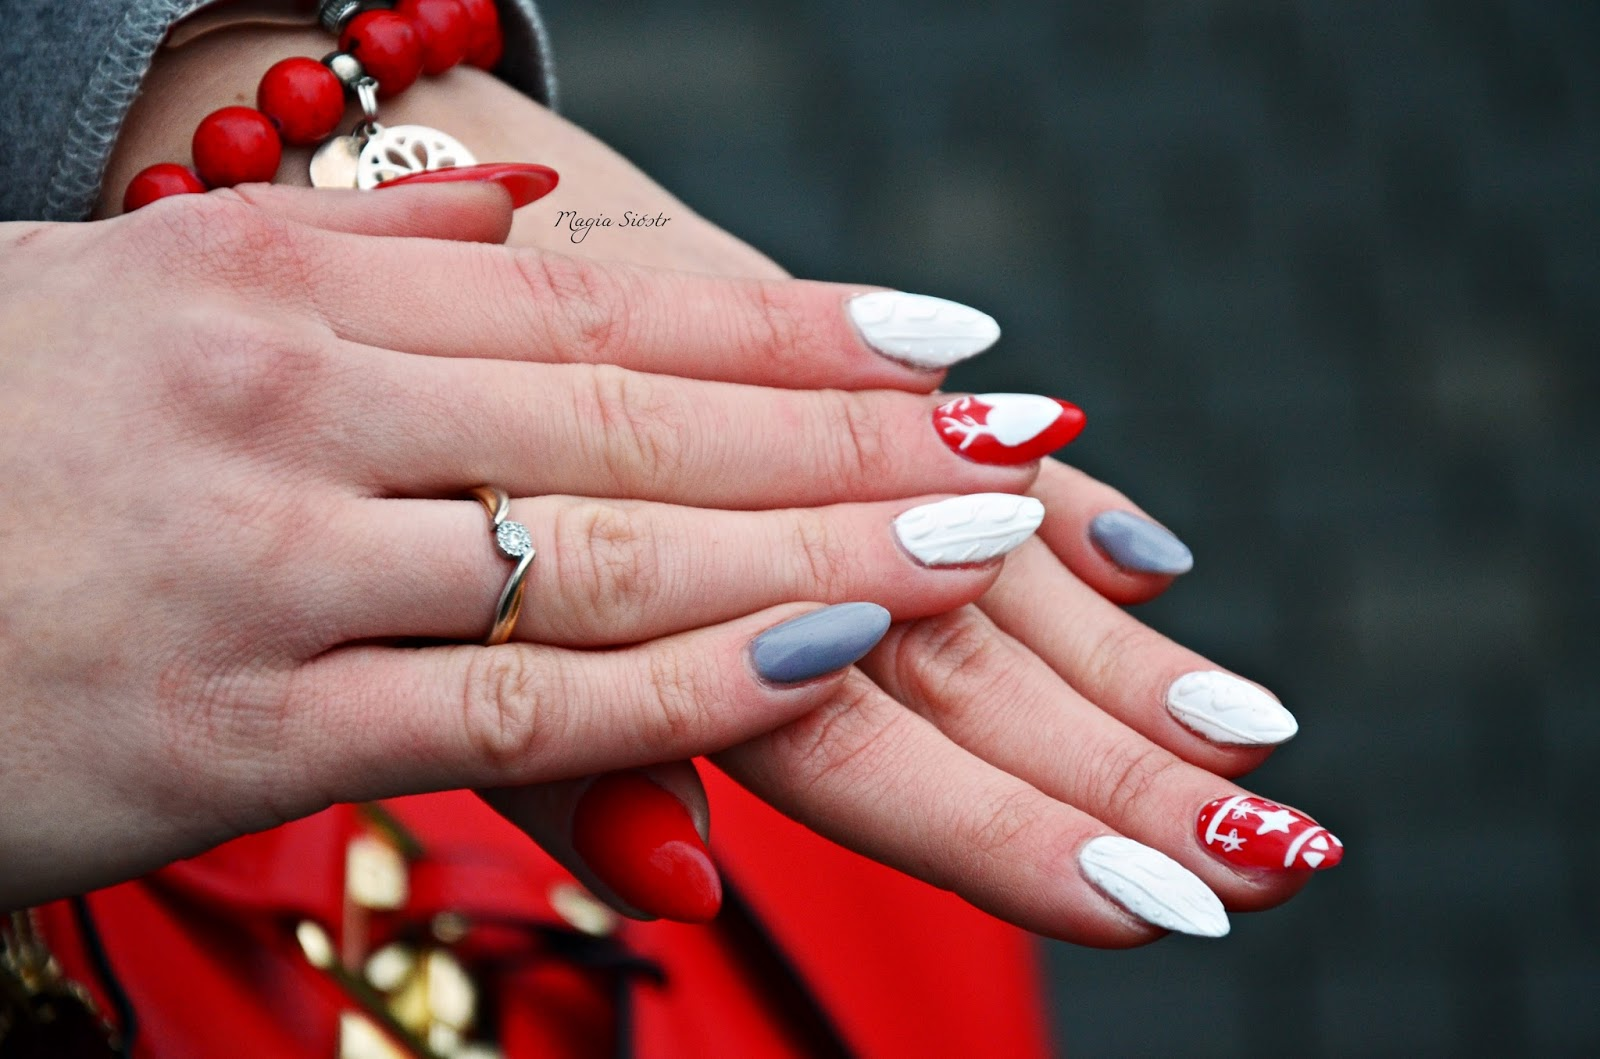 świąteczne paznokcie, stylizacja paznokci, hybrydy, sweterkowe wzory